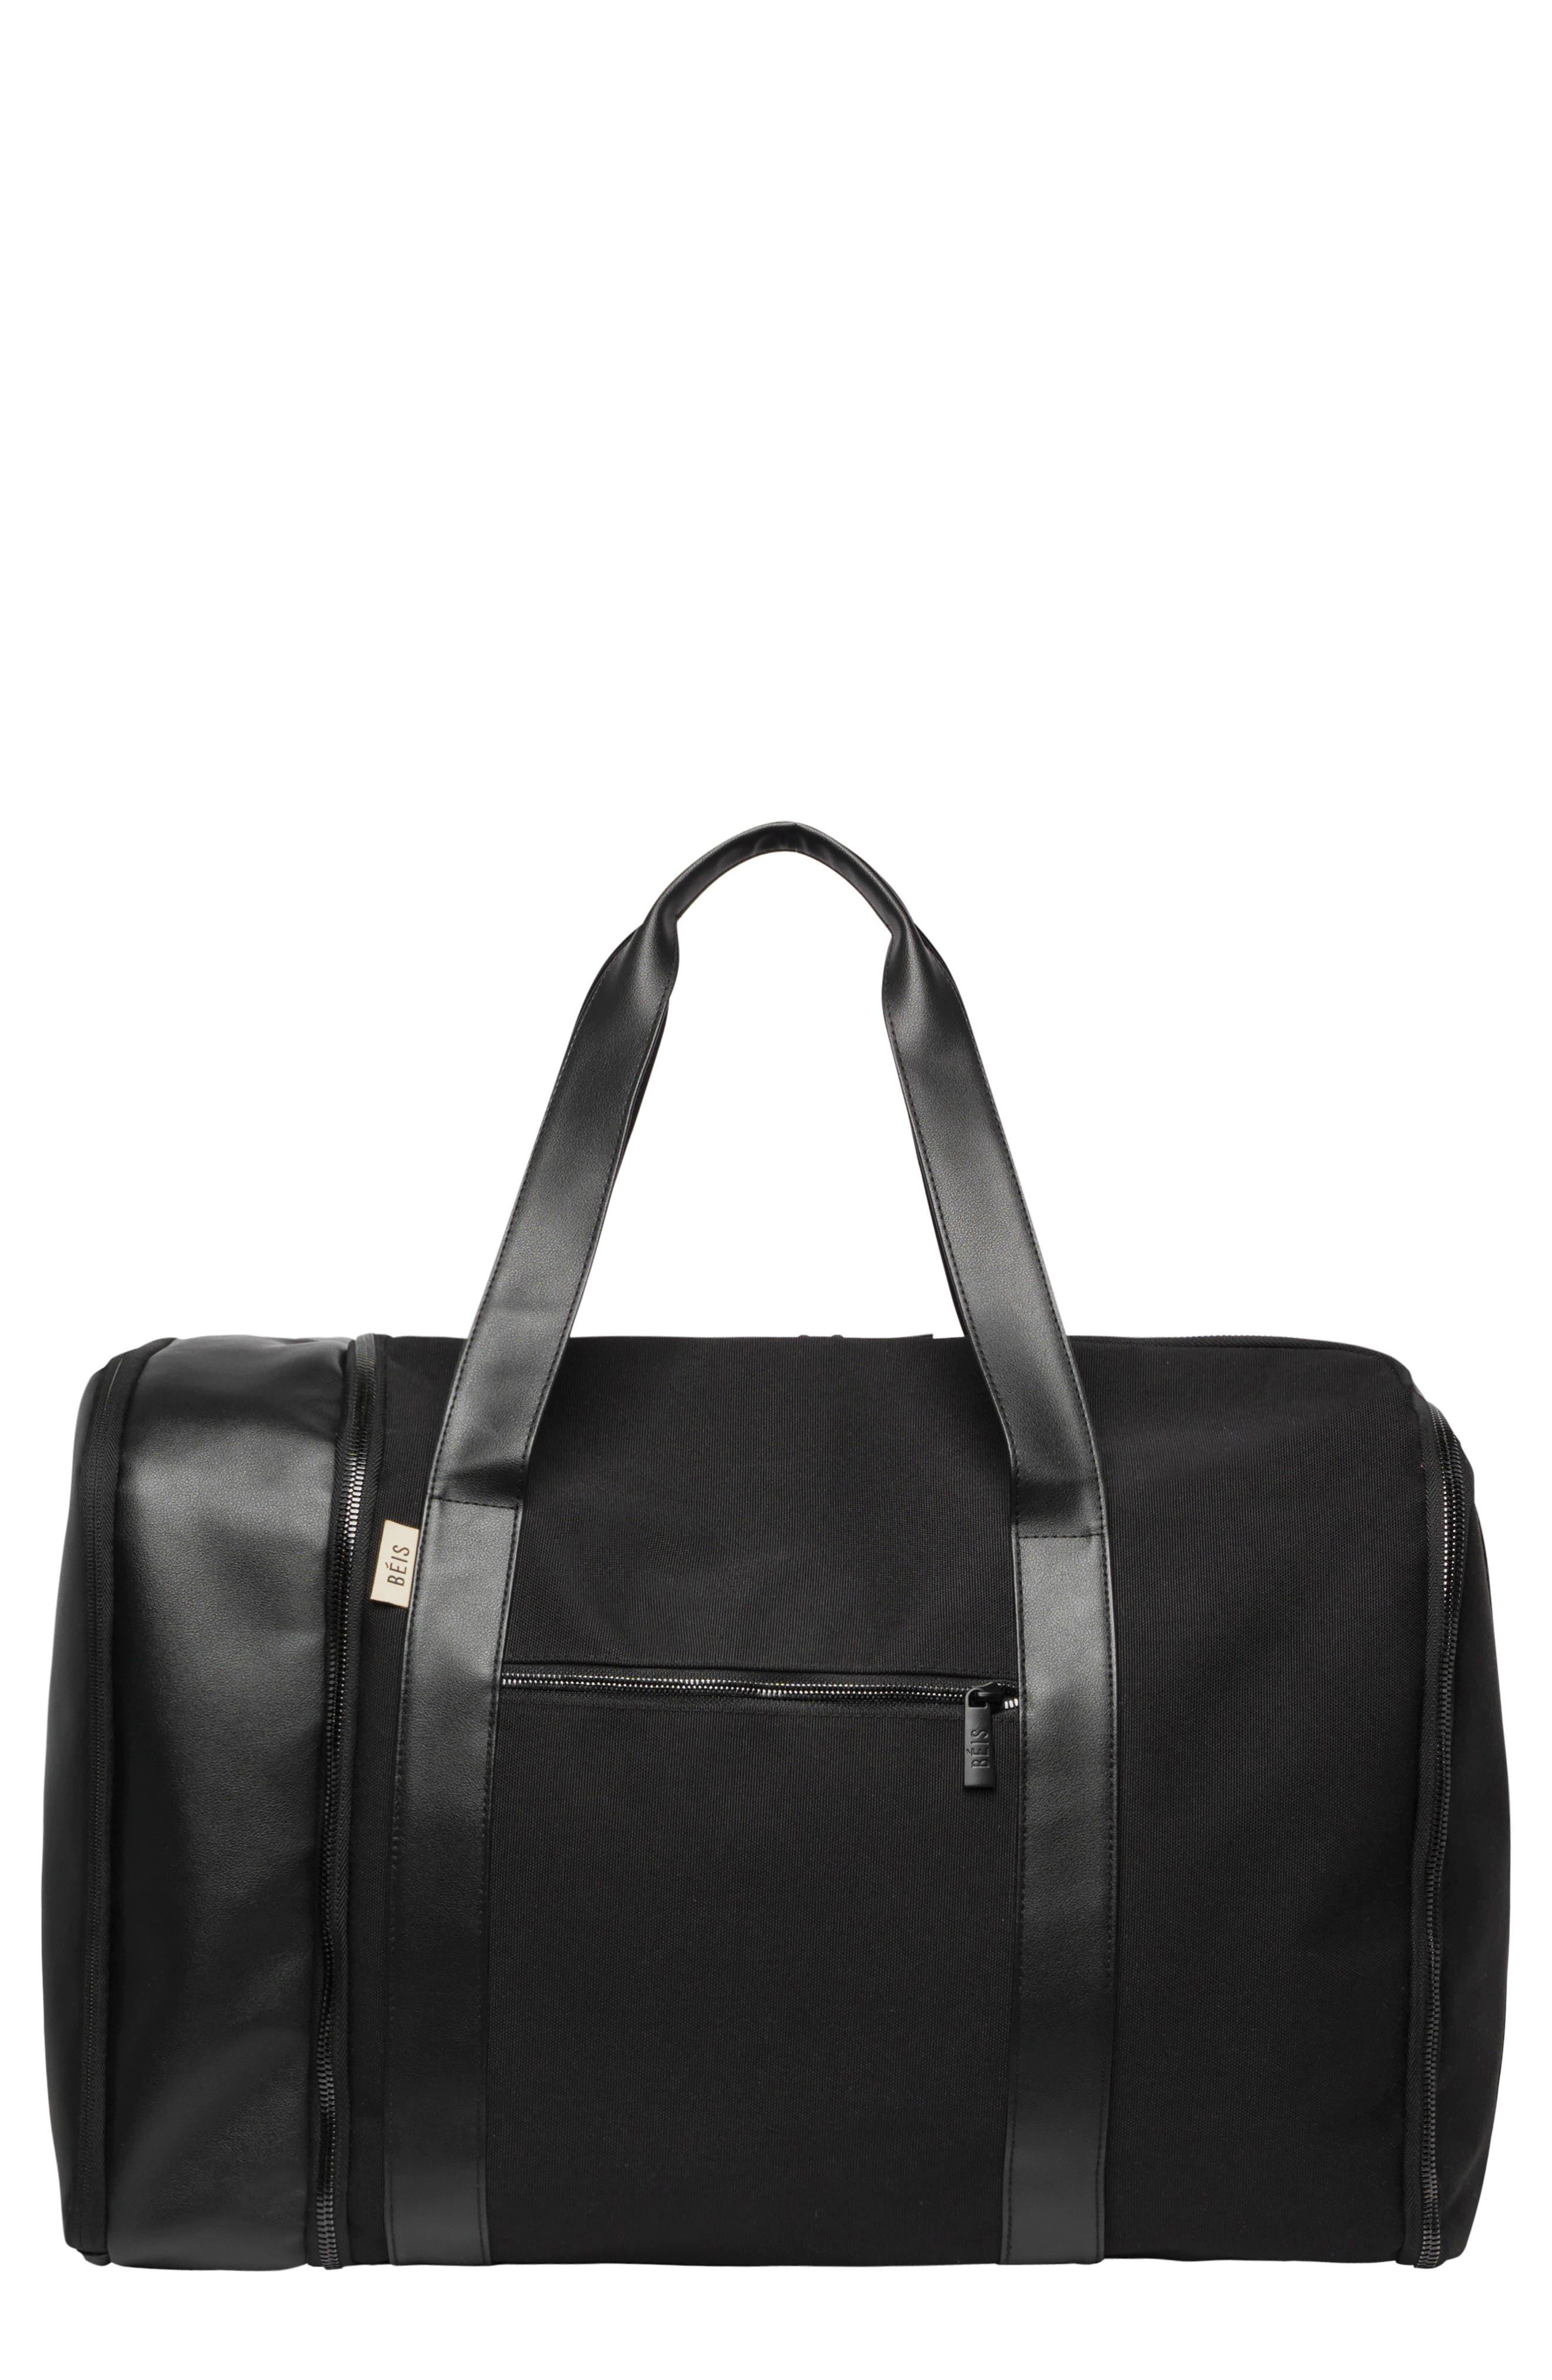 BÉIS Travel Multi Function Duffle Bag, Main, color, BLACK